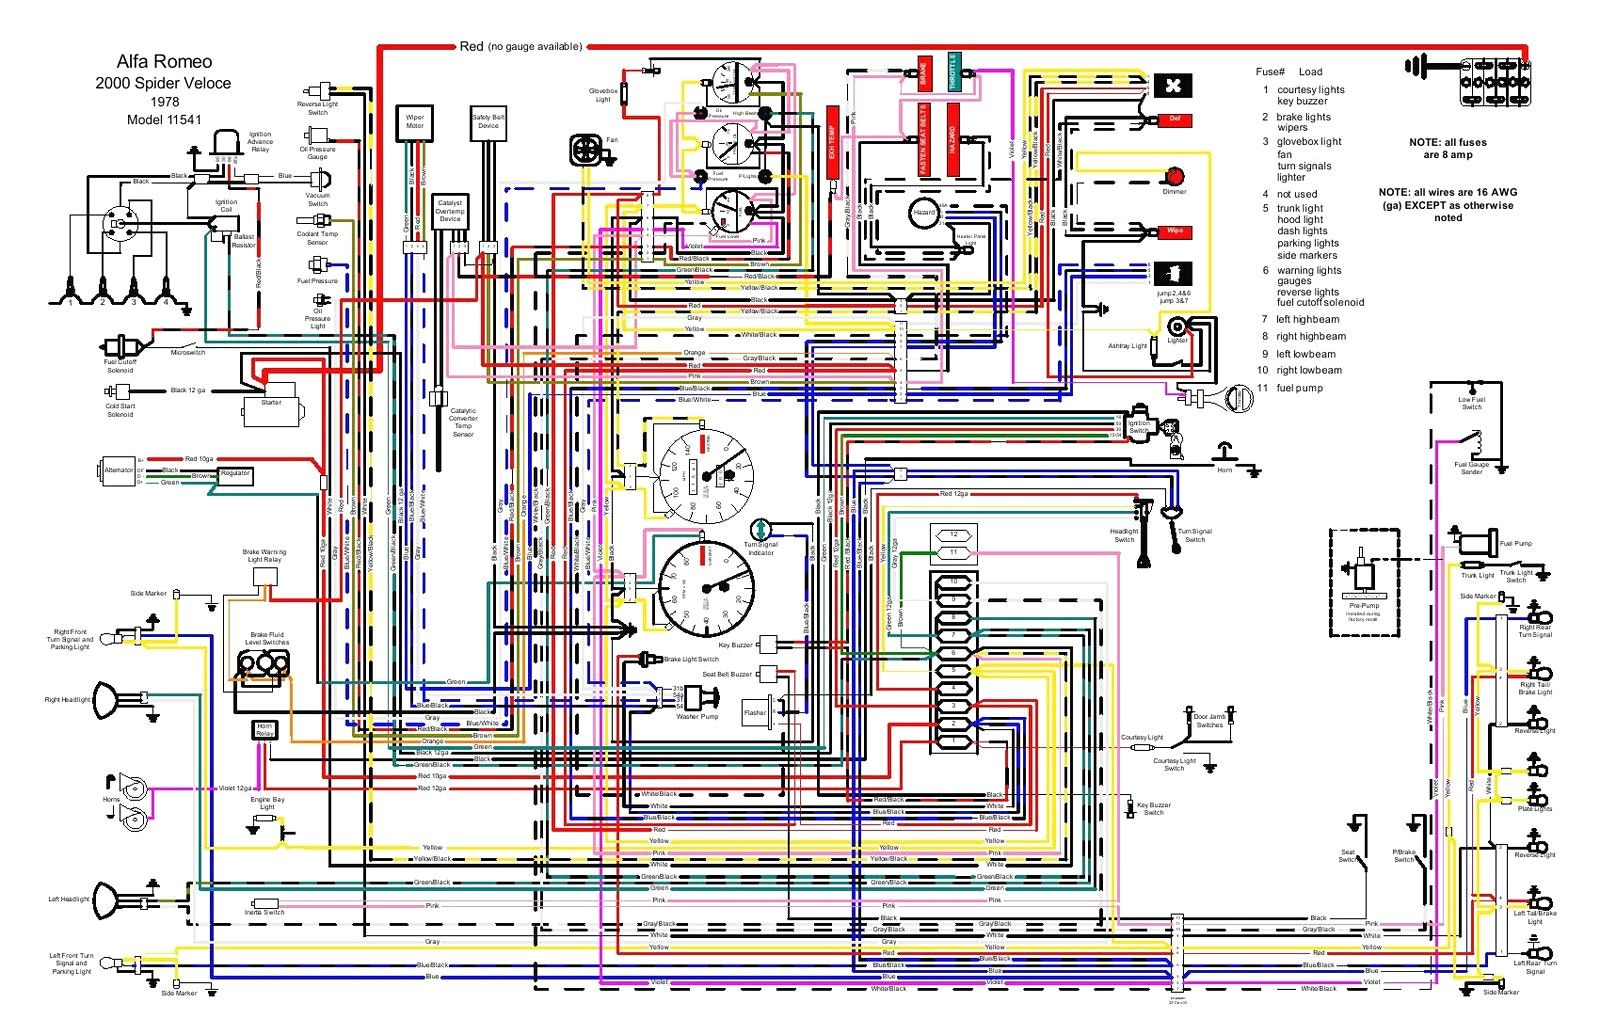 medium resolution of alfa romeo wiring diagram 156 wiring diagrams alfa romeo 155 wiring diagram